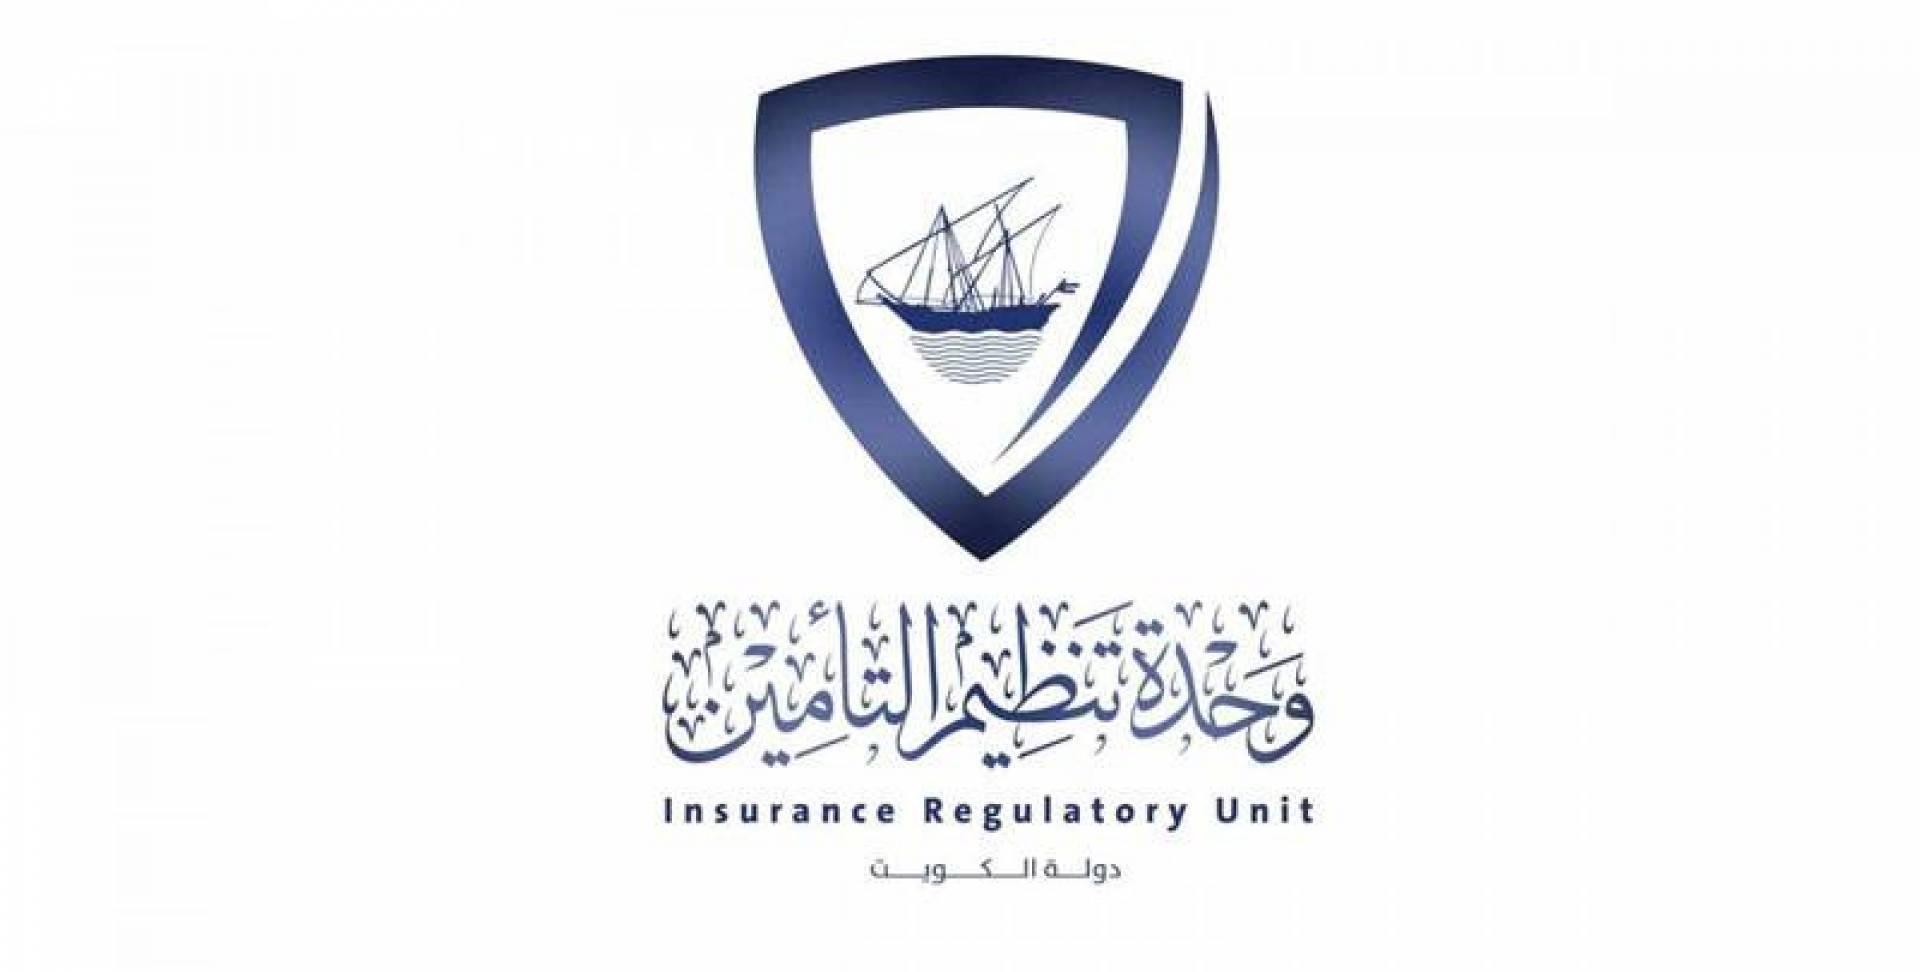 «وحدة التأمين» ترخّص 14 شركة وخبيرين